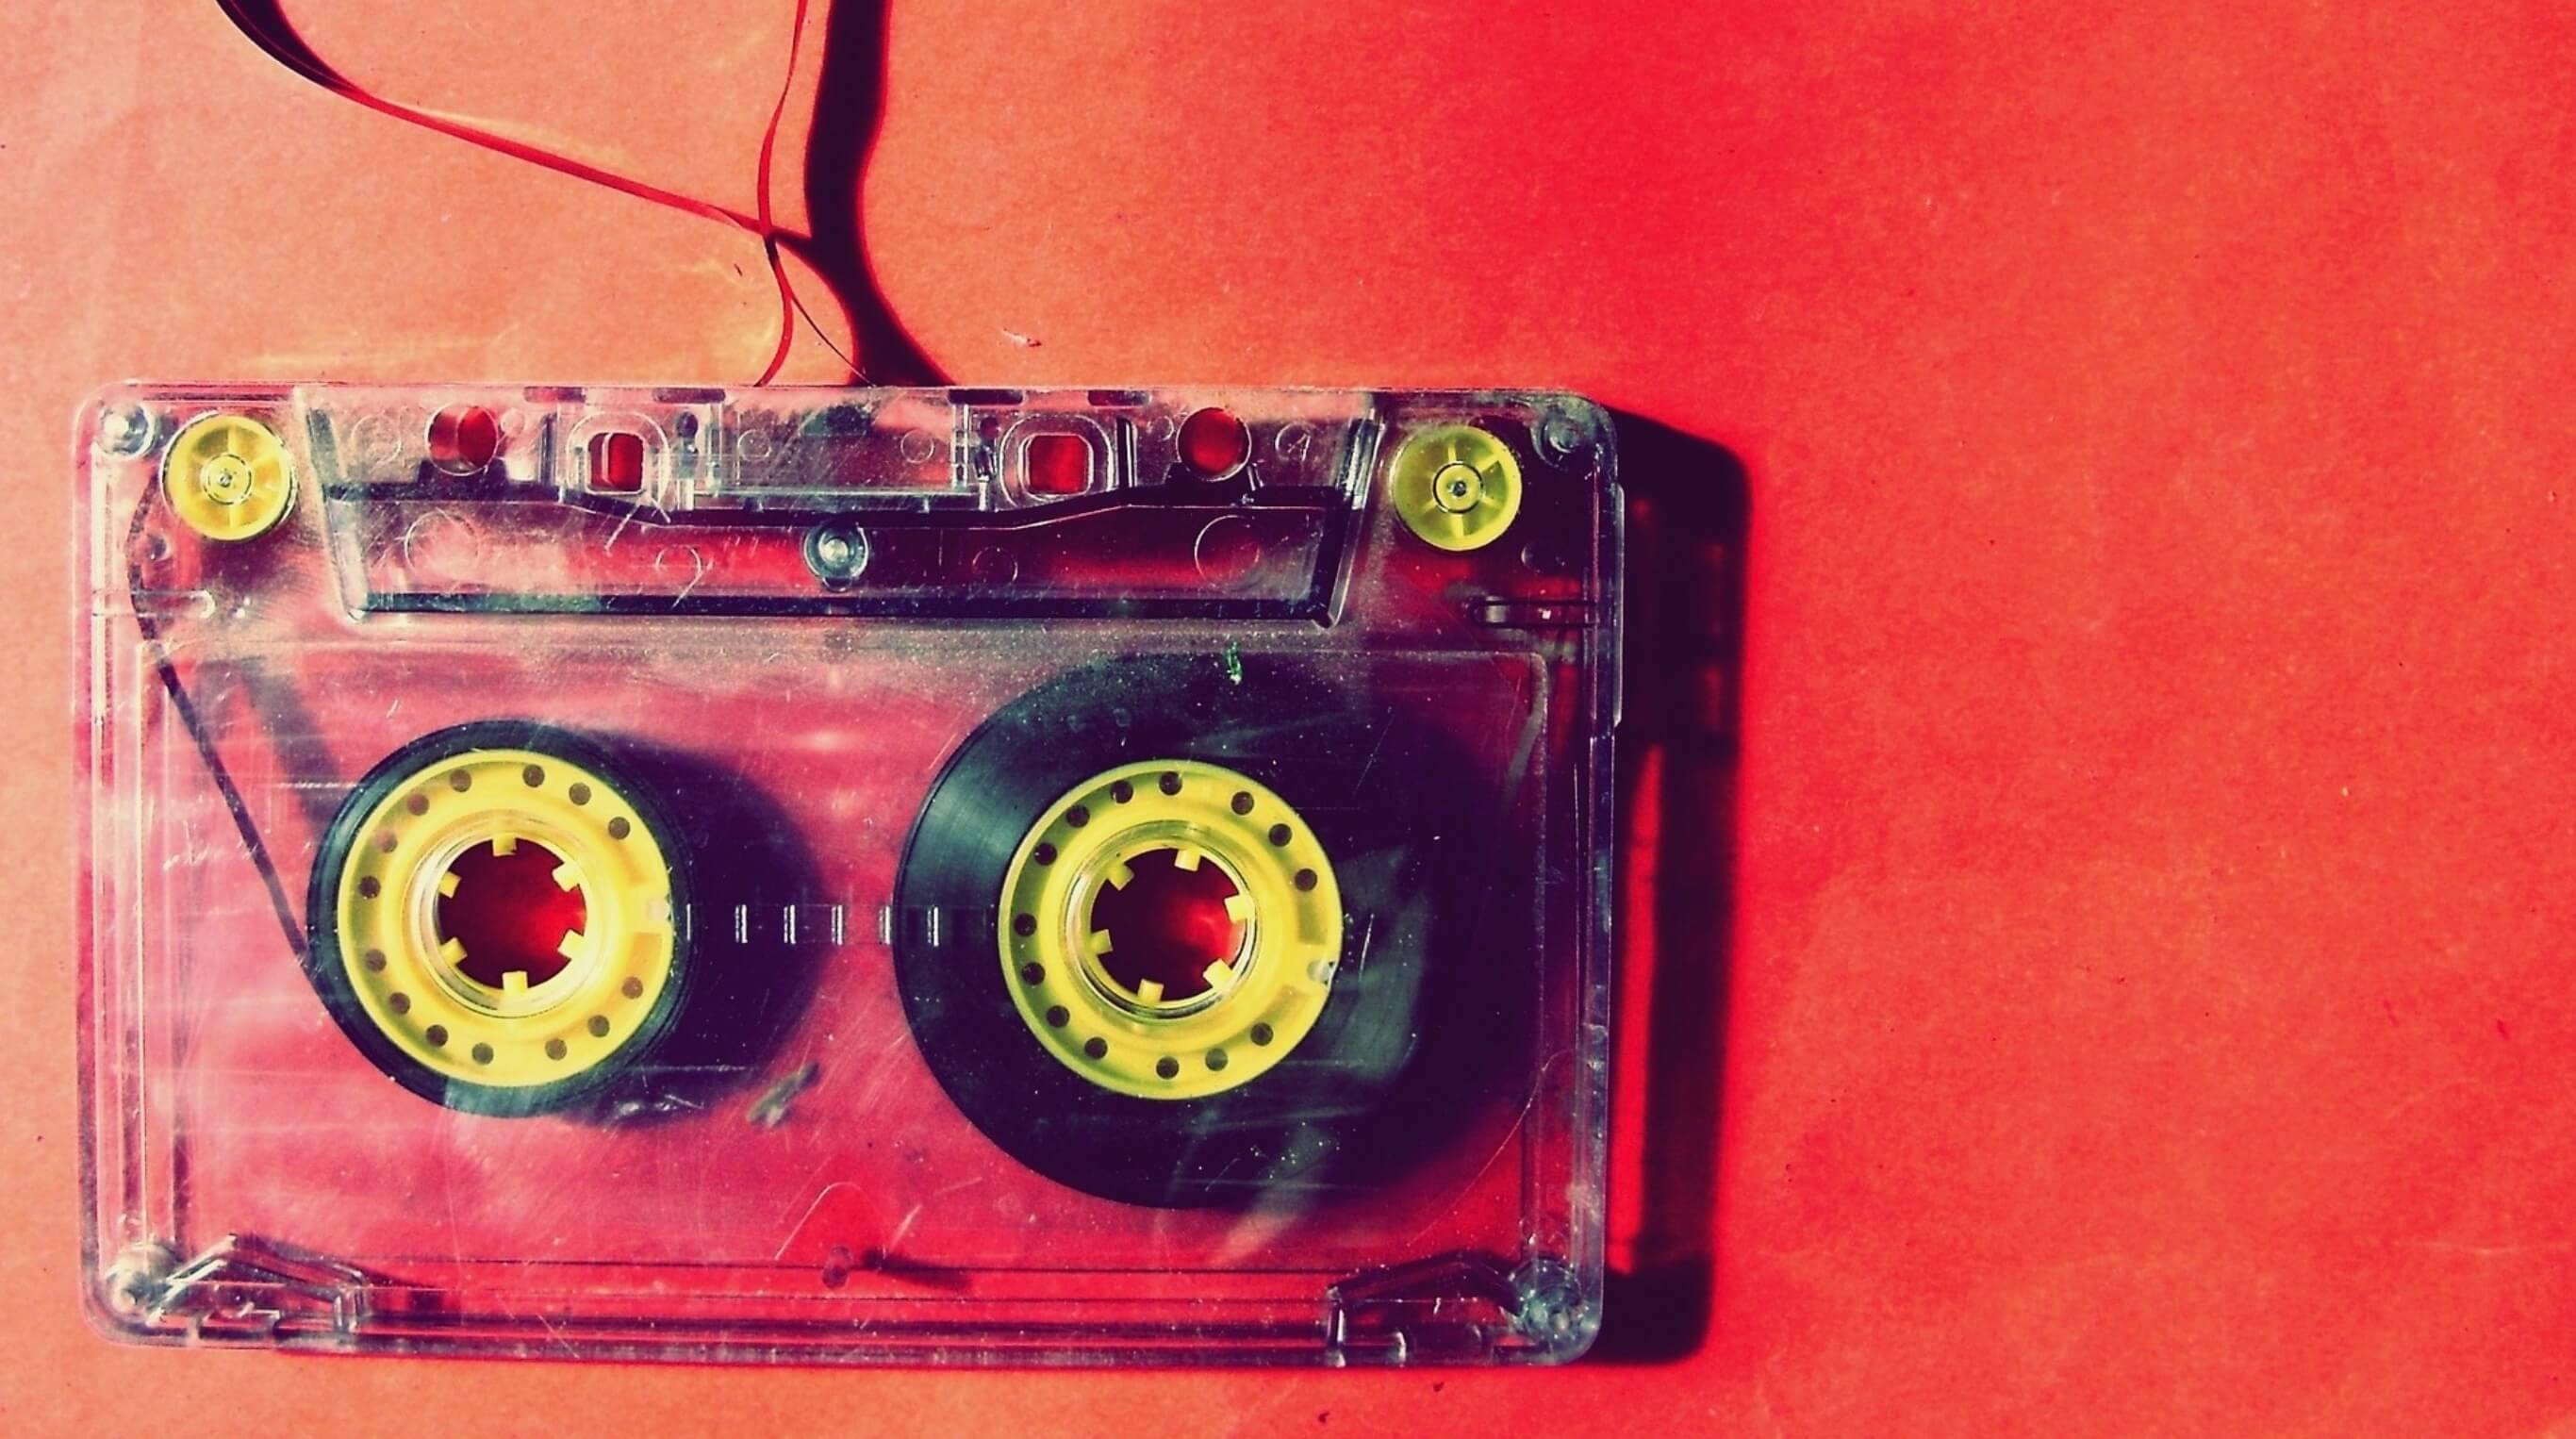 CDs herstellen lassen – Braucht man noch CDs?